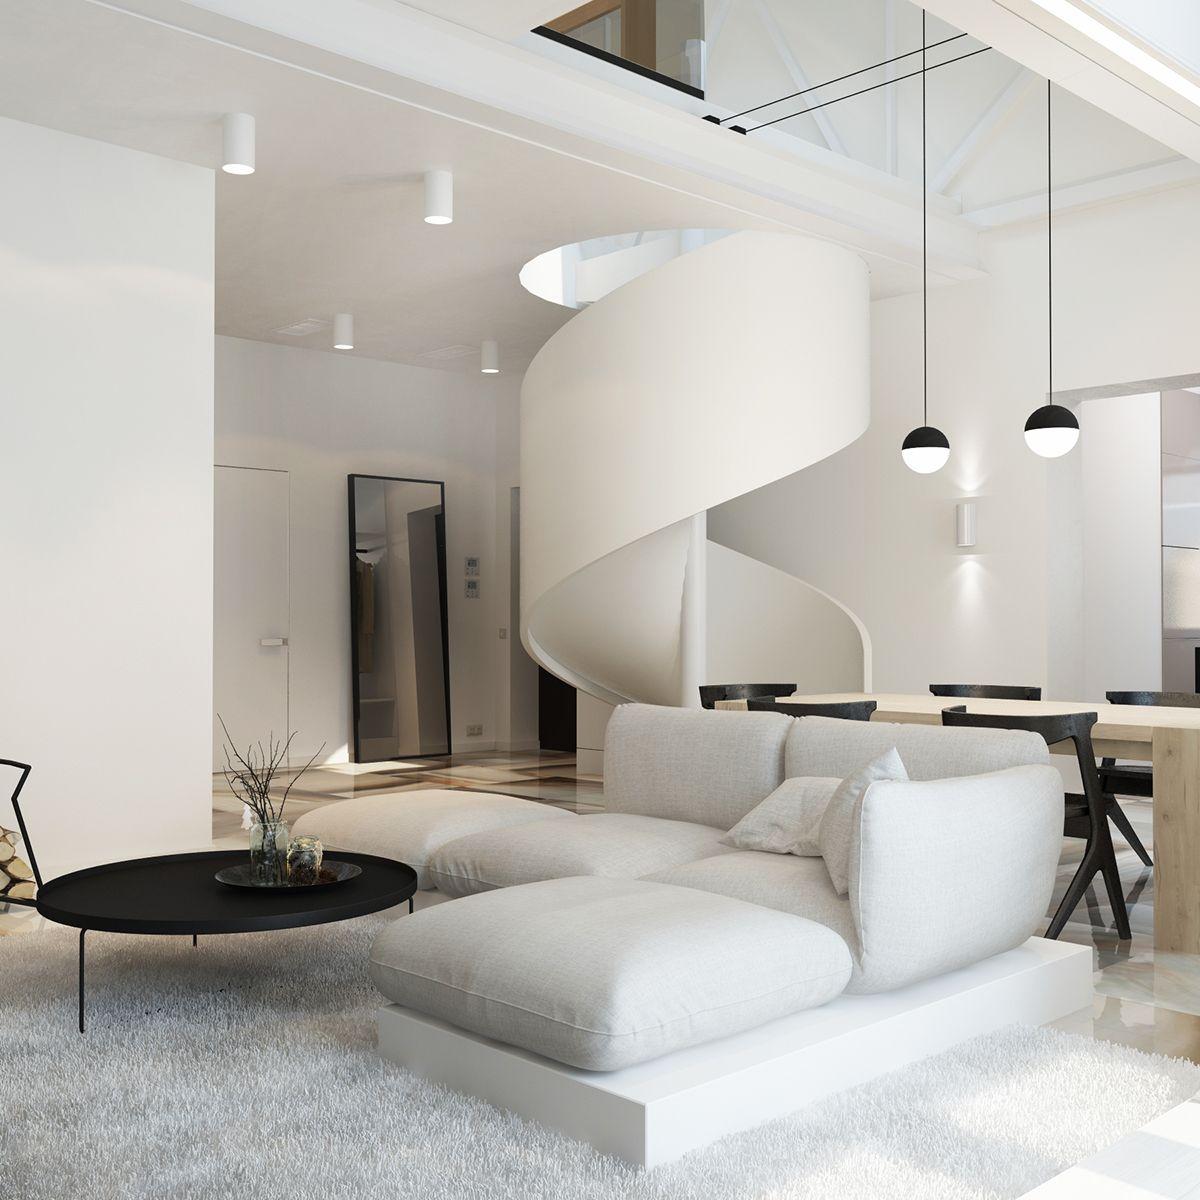 Hervorragend Penthouse Design Wohnung / Stil Fabrik Blog Christoph Baum